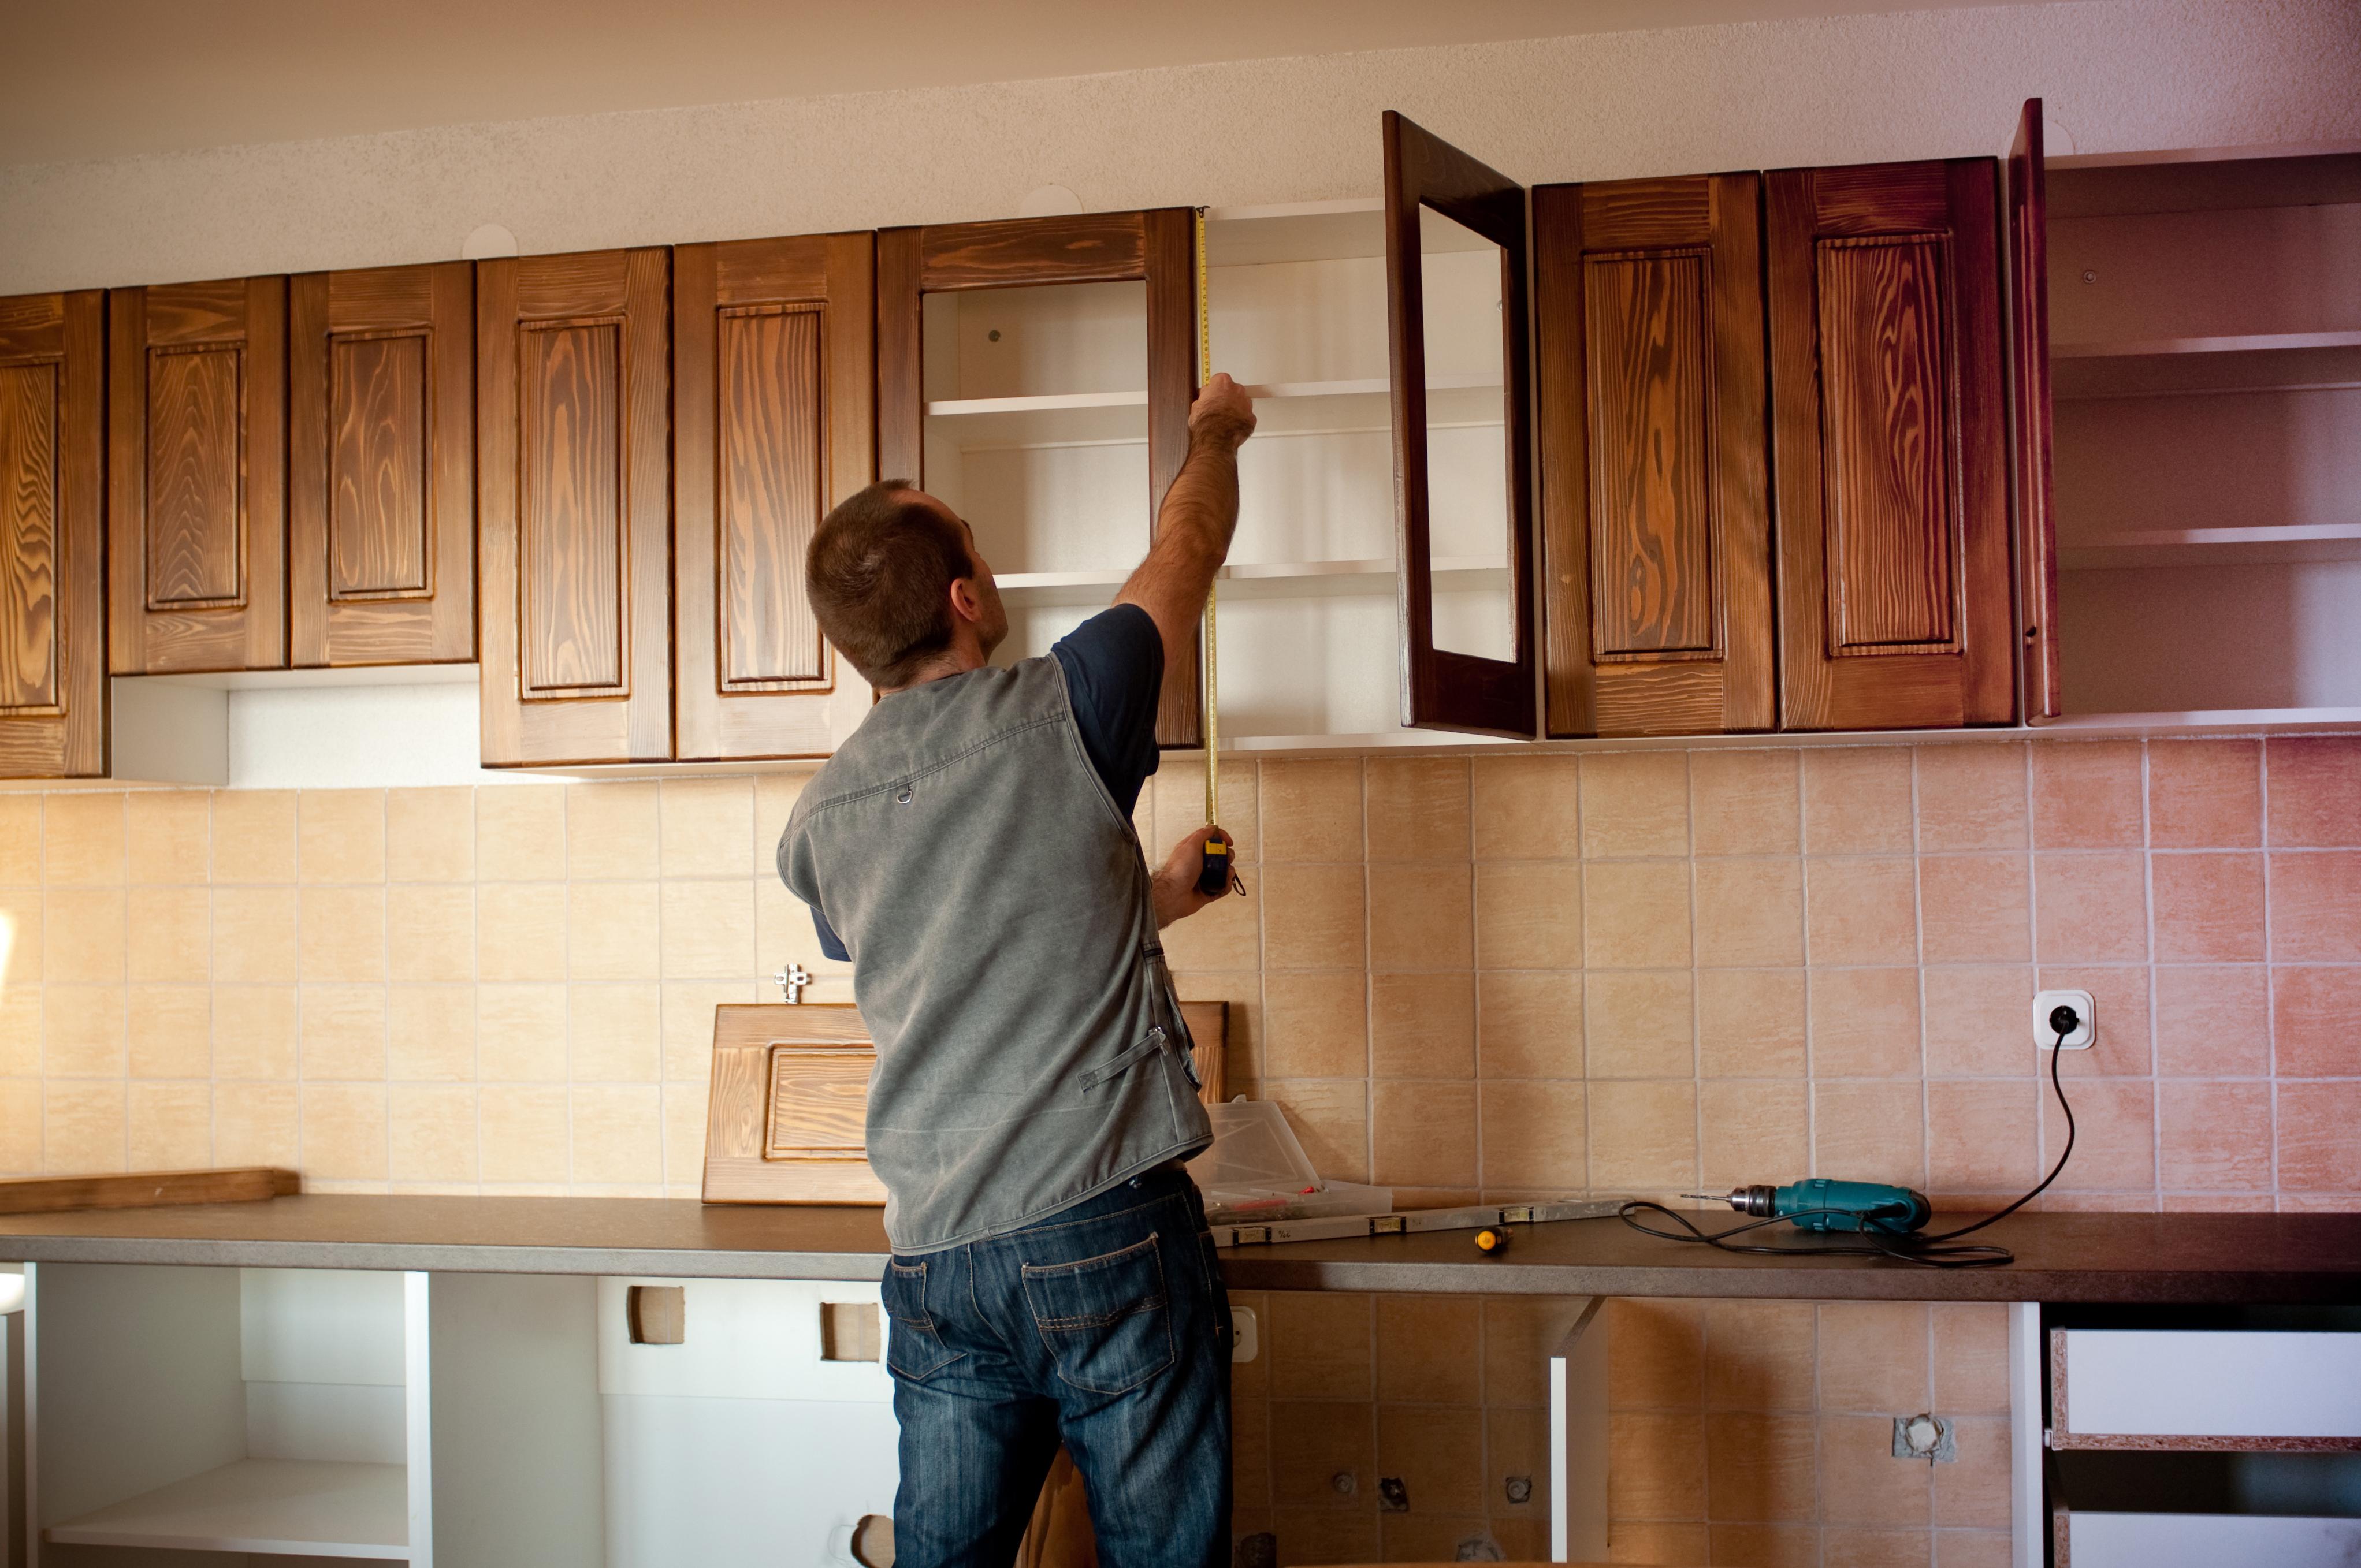 Kitchen Cabinet Installation: Mistakes to Avoid